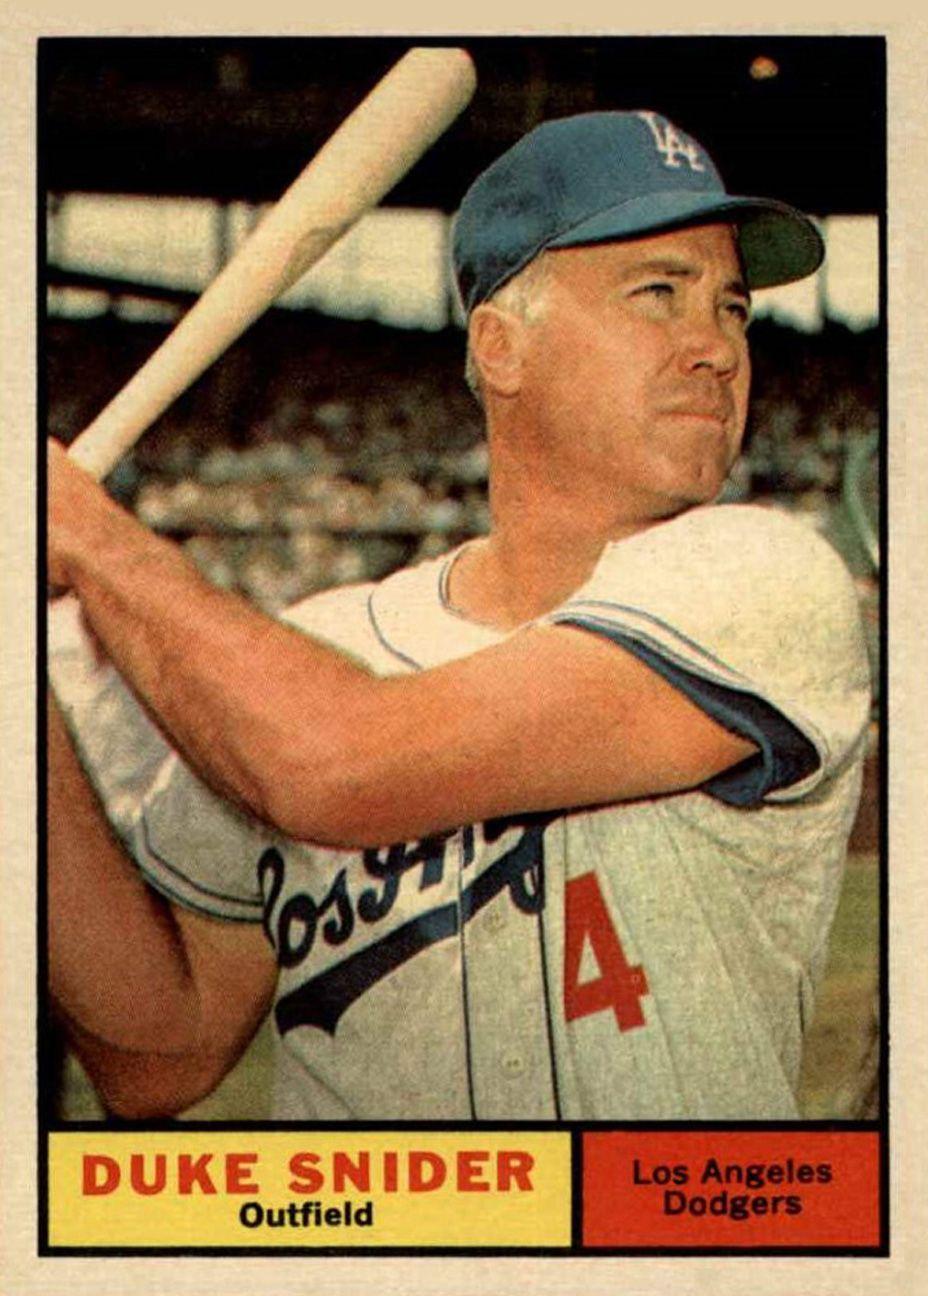 1961 topps duke snider old baseball cards baseball